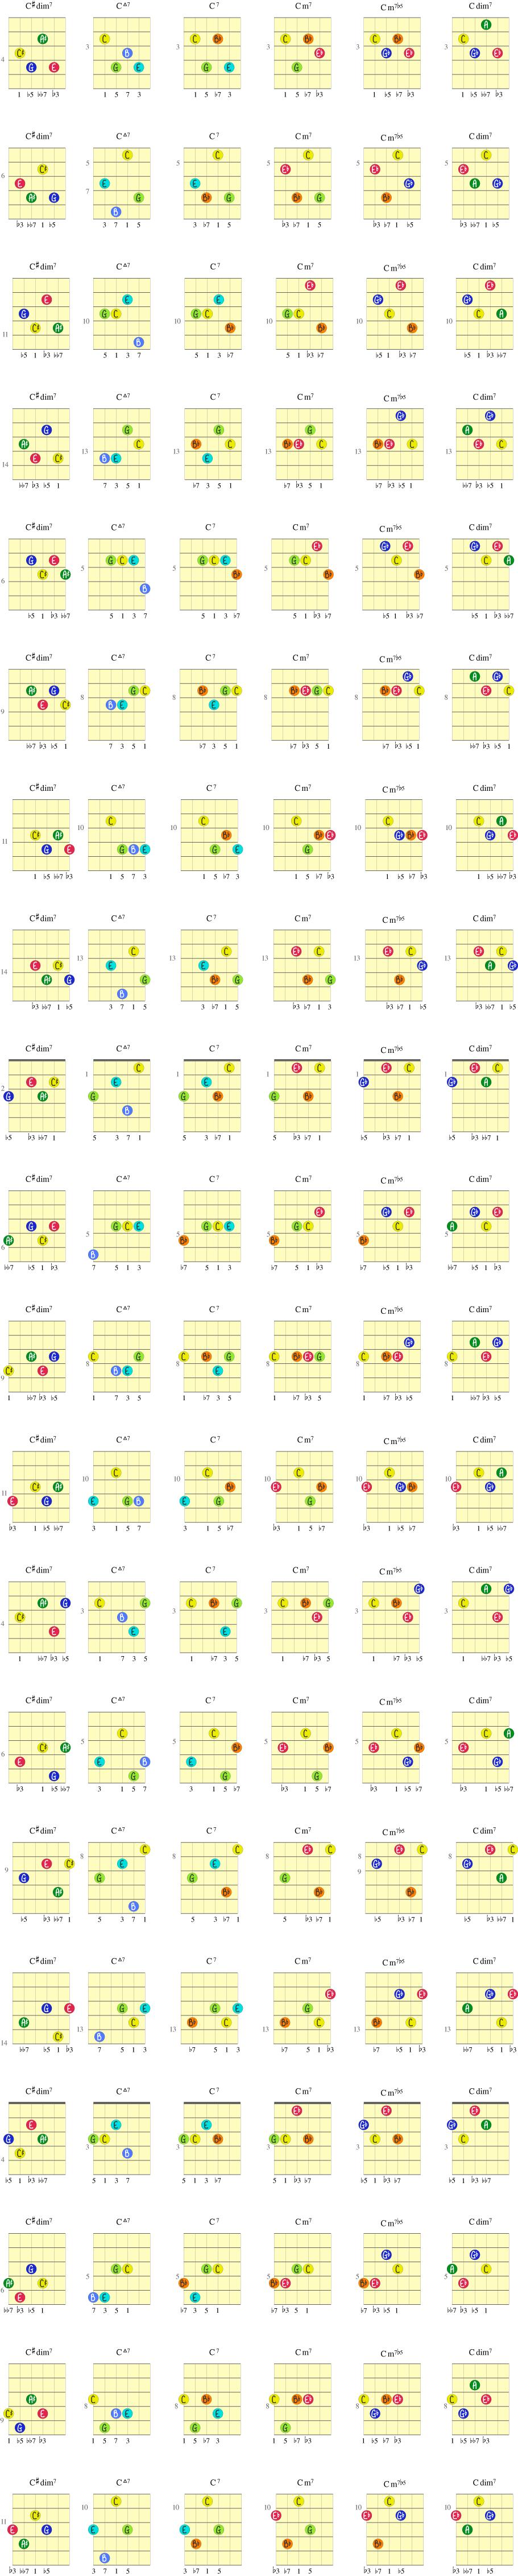 Øvelse på gitargrep fra C#dim7 til Cmaj7 til C7 til Cm7 til Cm7b5 til Cdim7